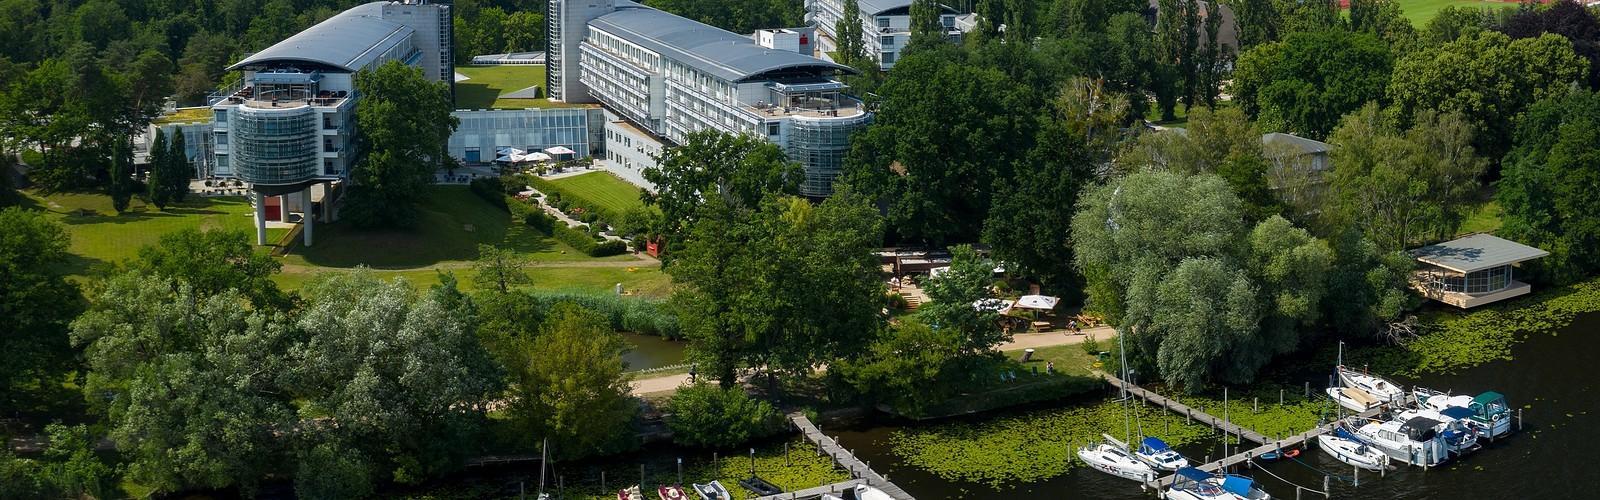 Luftansicht Sommer © Kongresshotel Potsdam